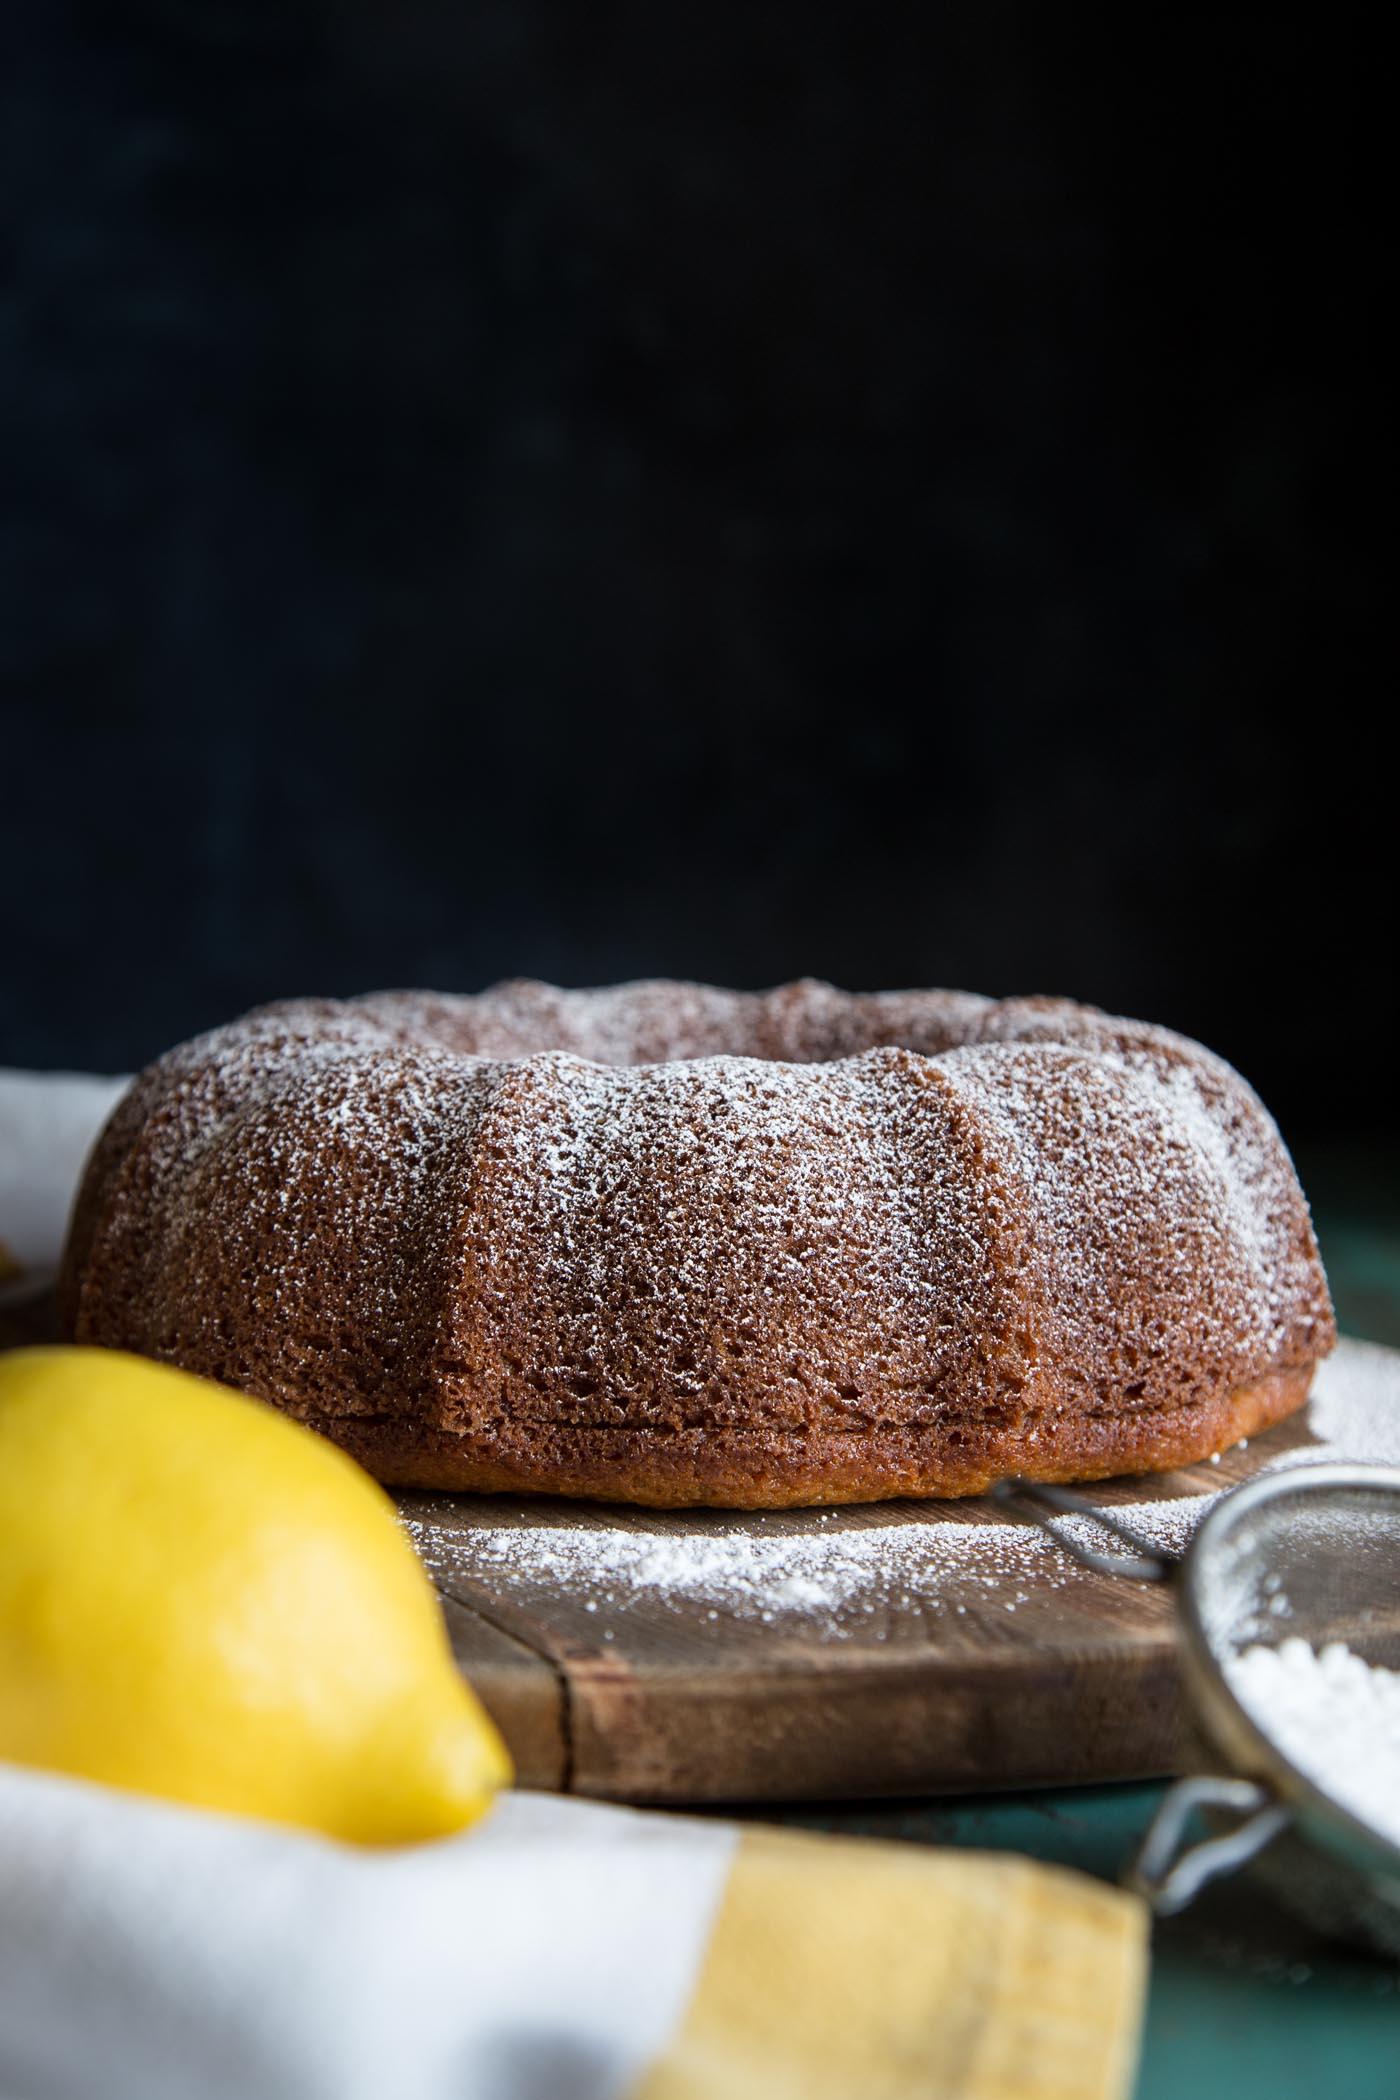 Lemon bundt cake without glaze